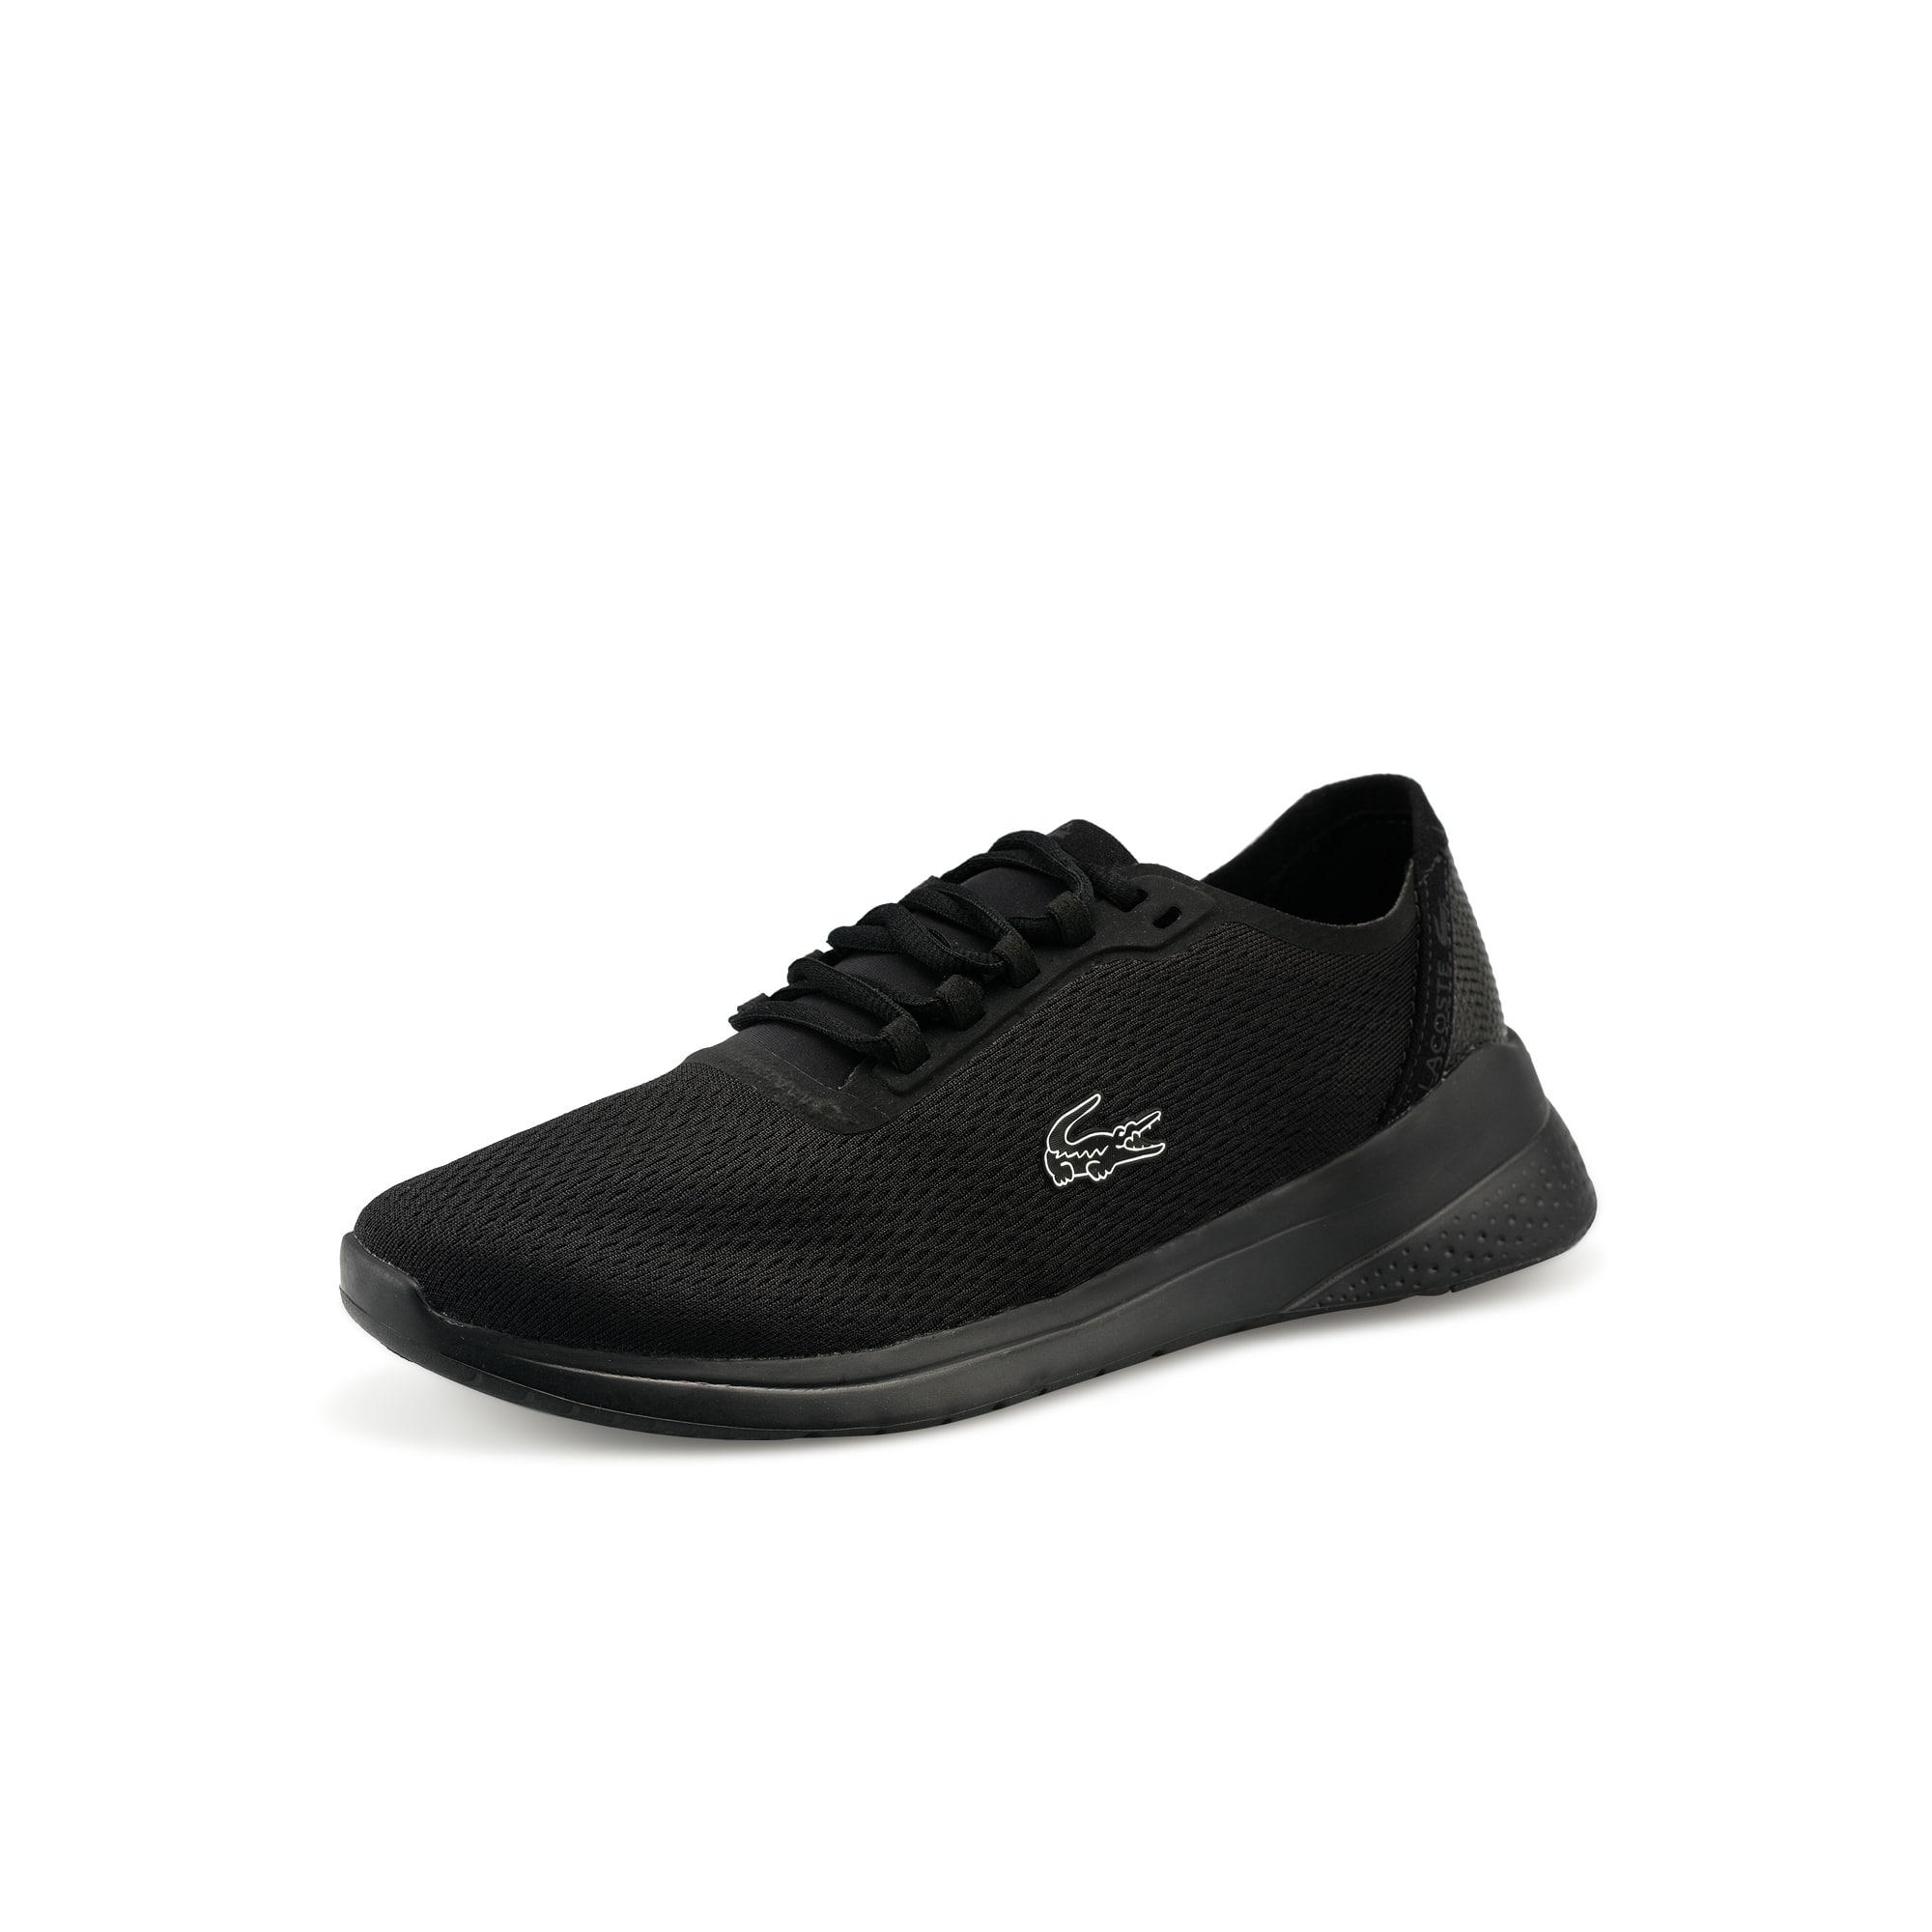 男士LT Fit系列运动风金属网眼运动鞋